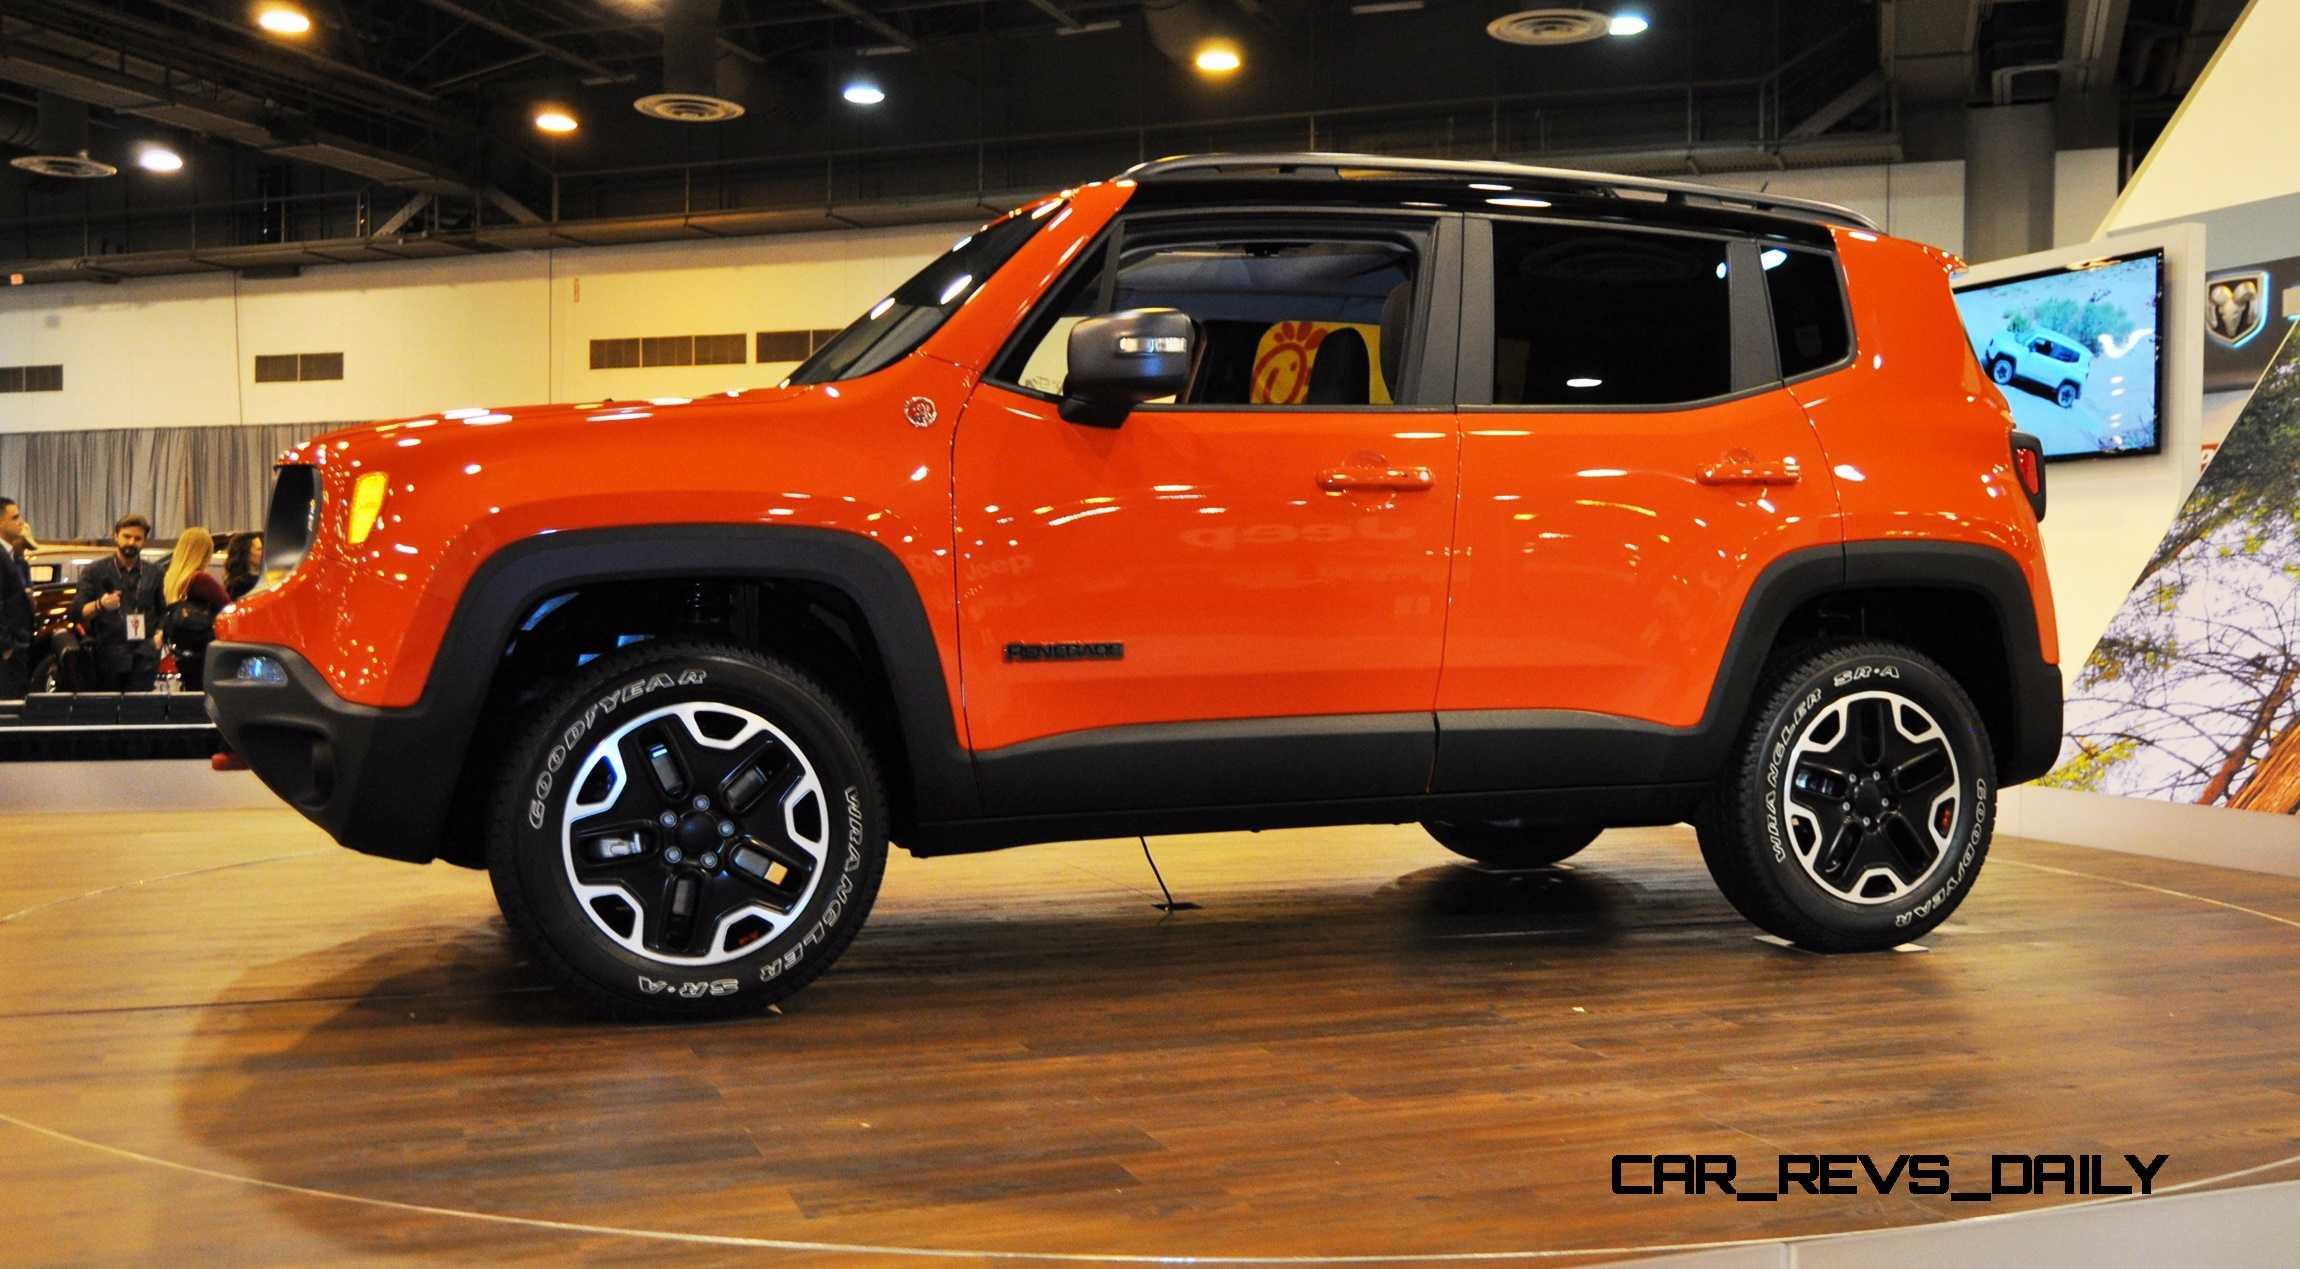 2015 jeep renegade. Black Bedroom Furniture Sets. Home Design Ideas